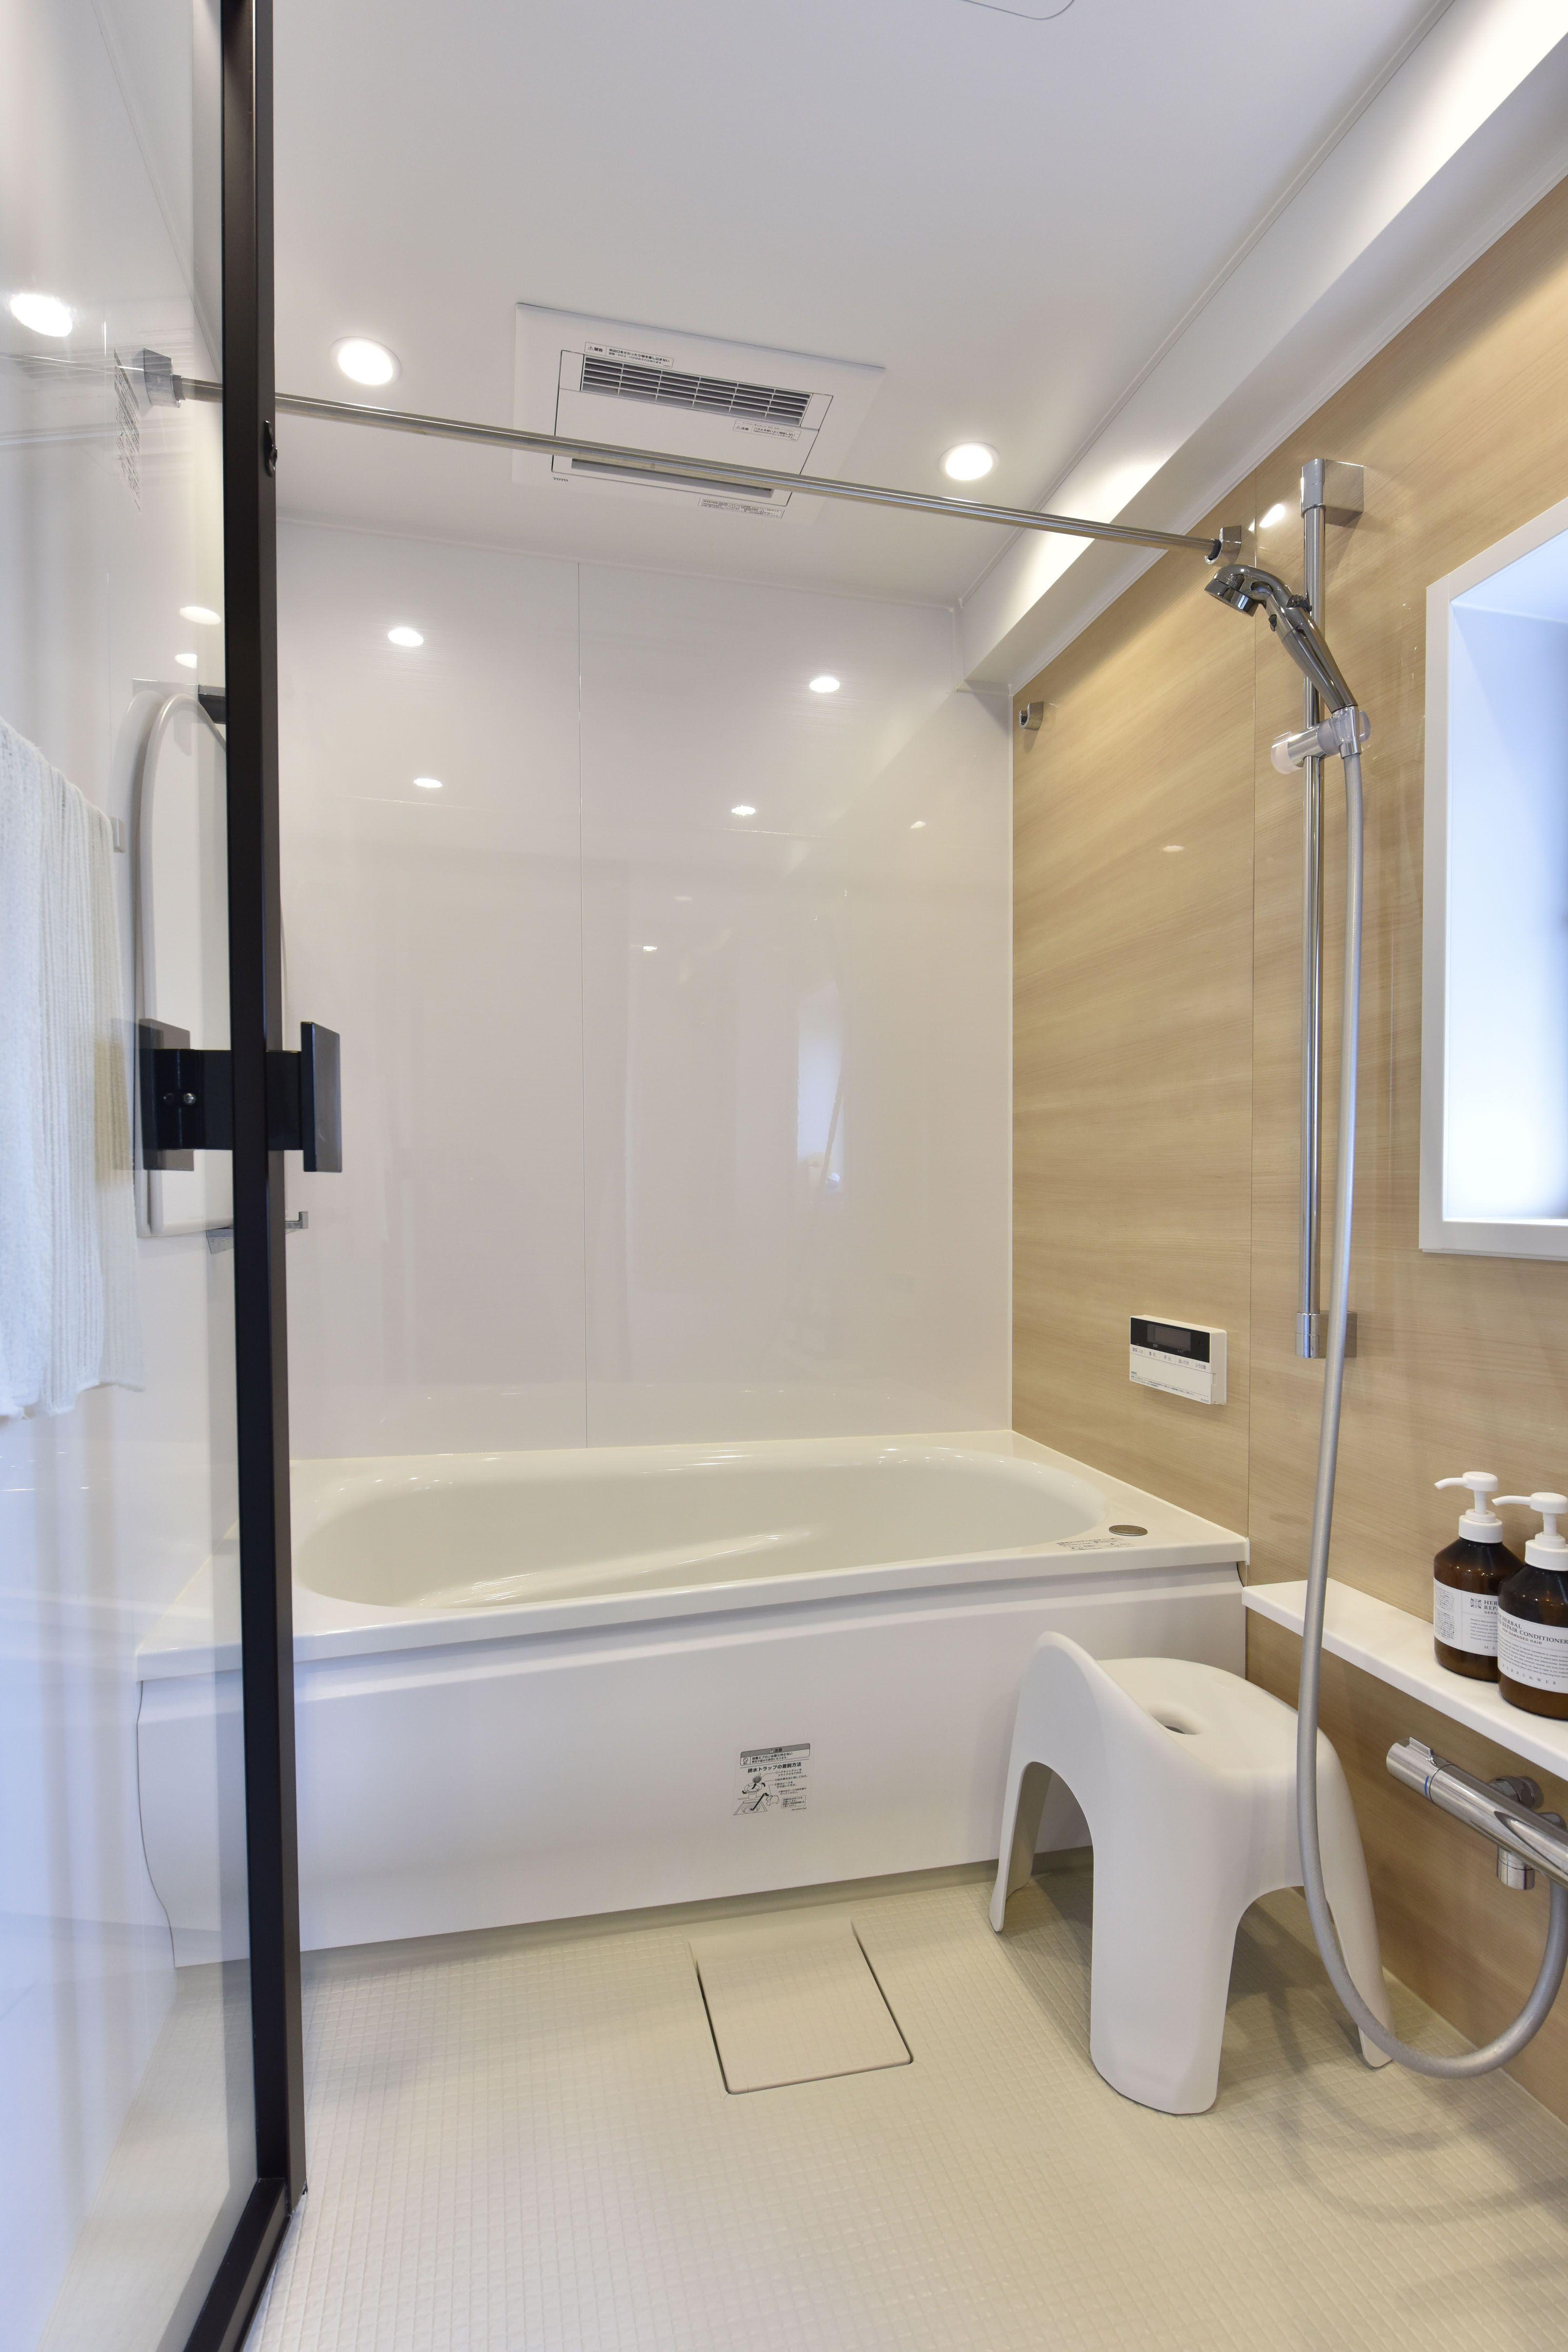 039 リノベに方向転換で大成功 浴室 デザイン バスルーム おしゃれ ユニットバス